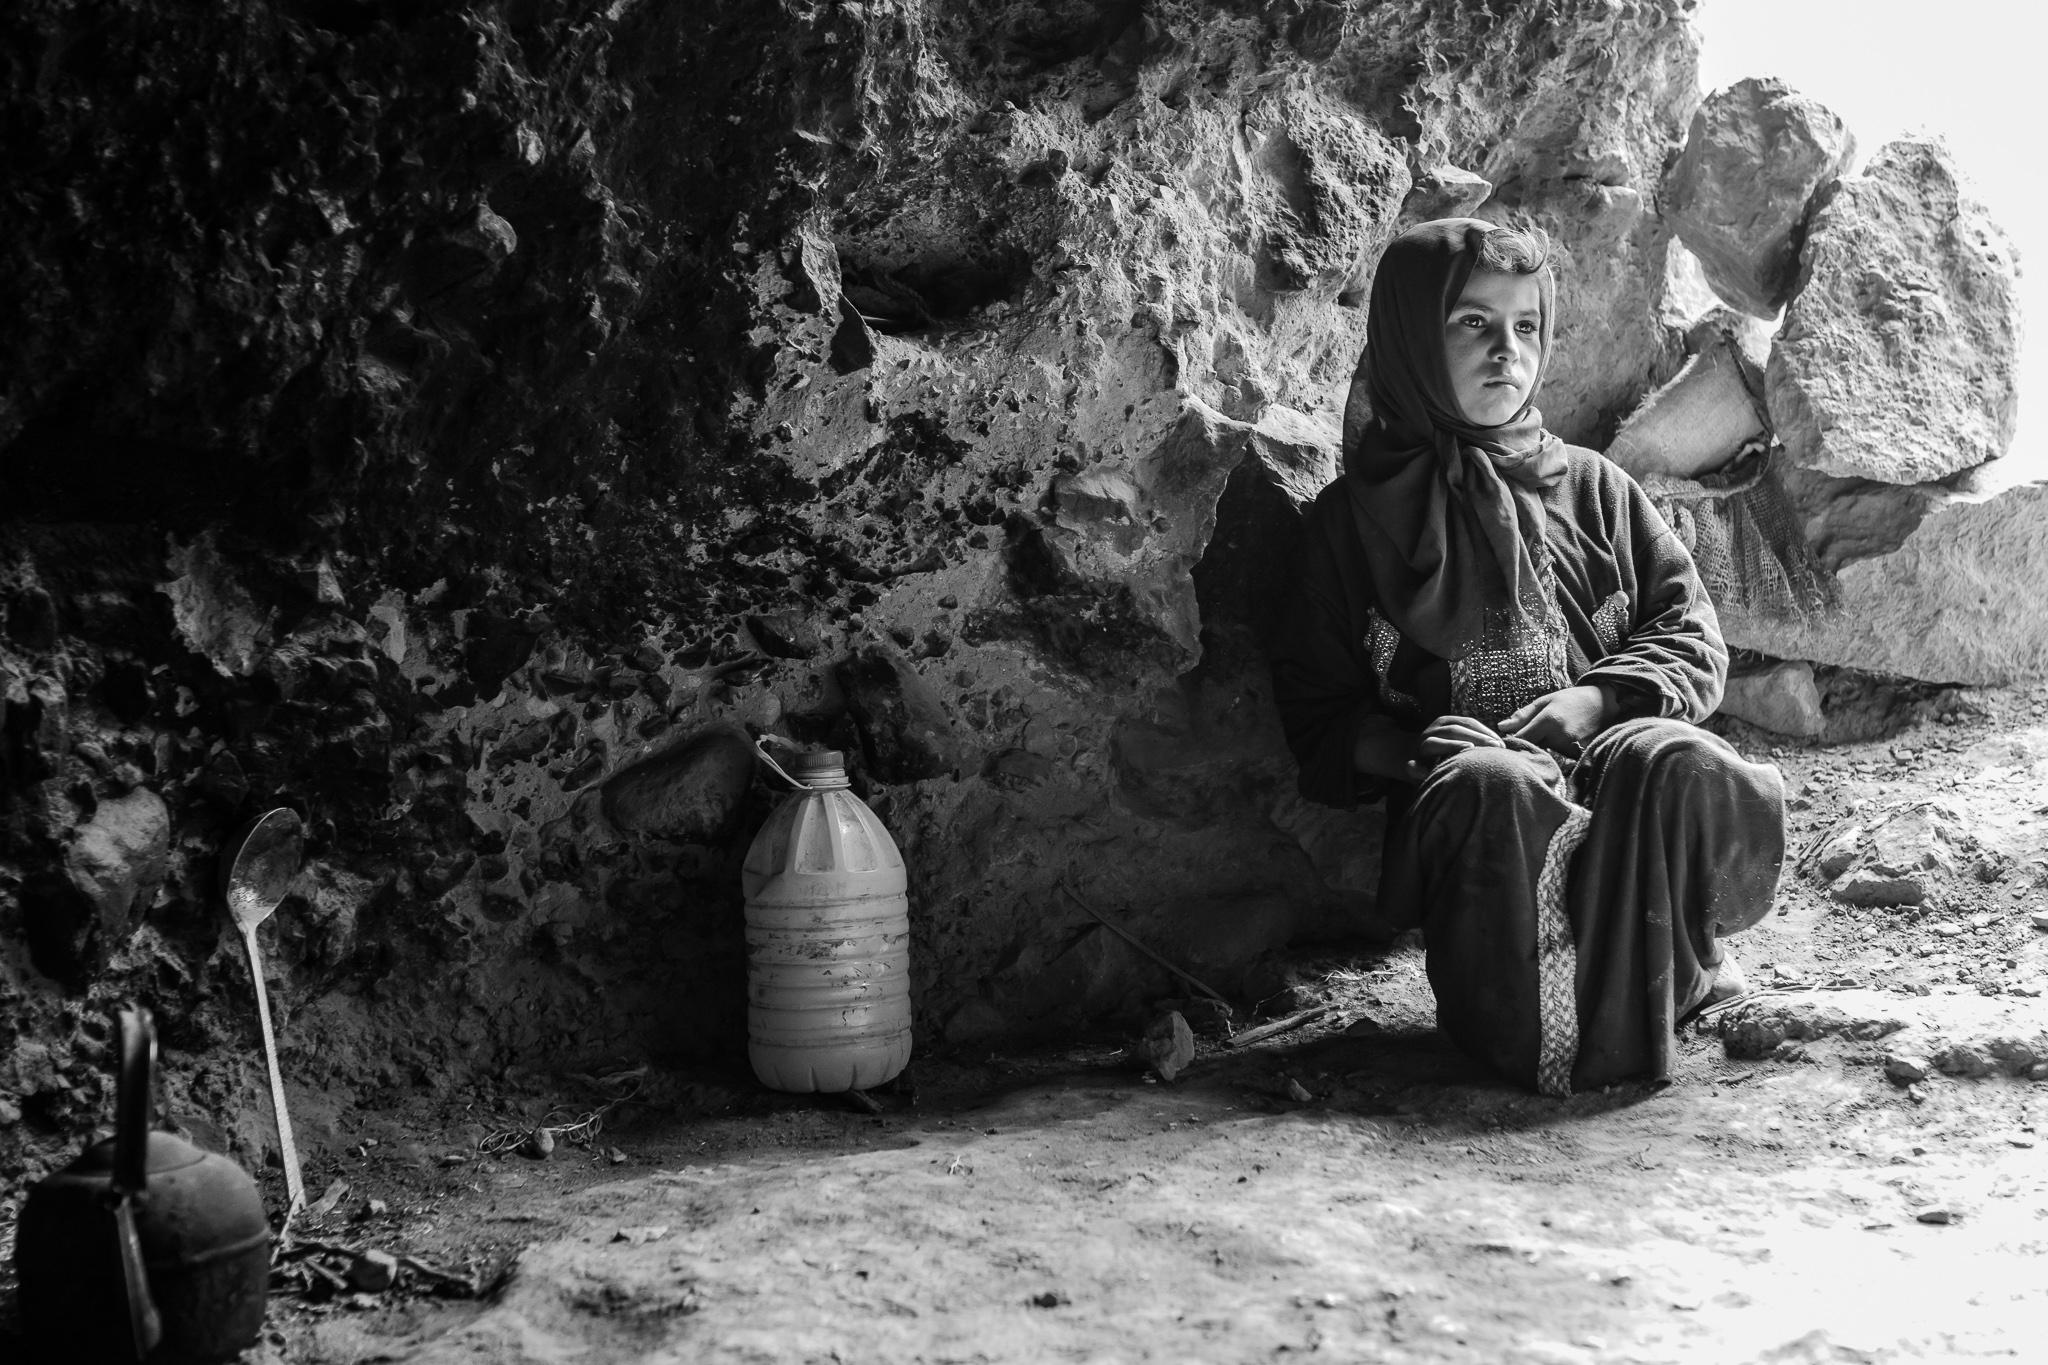 Bihya, sentada na entrada da cova onde vivirá coa súa familia durante este verán. <br>Os nómades adoitan durmir nunha das tres covas das que dispoñen, as outras dúas utilízanas normalmente para os seus rabaños de ovellas e cabras e como un espazo de almacenamento para os alimentos e a auga.